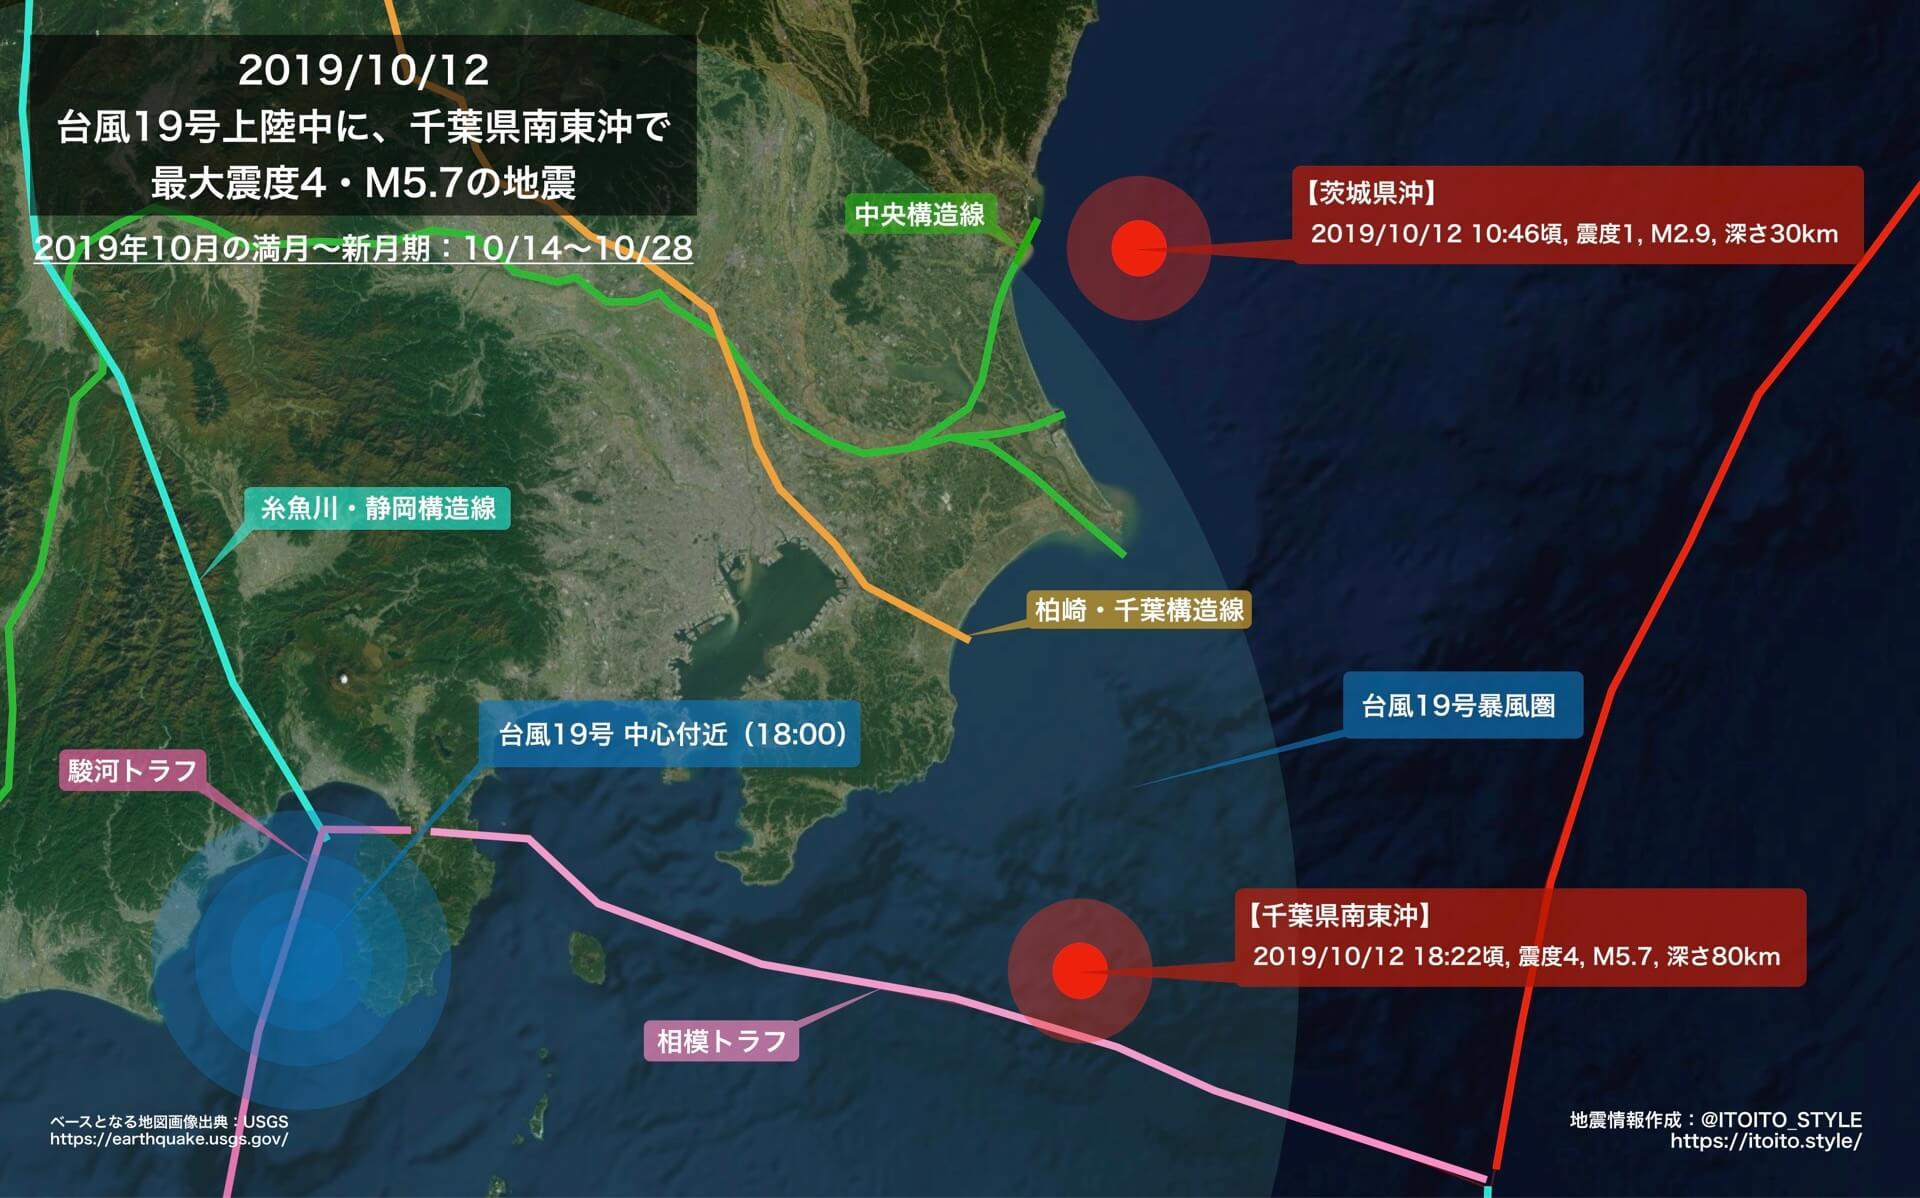 台風 19 号